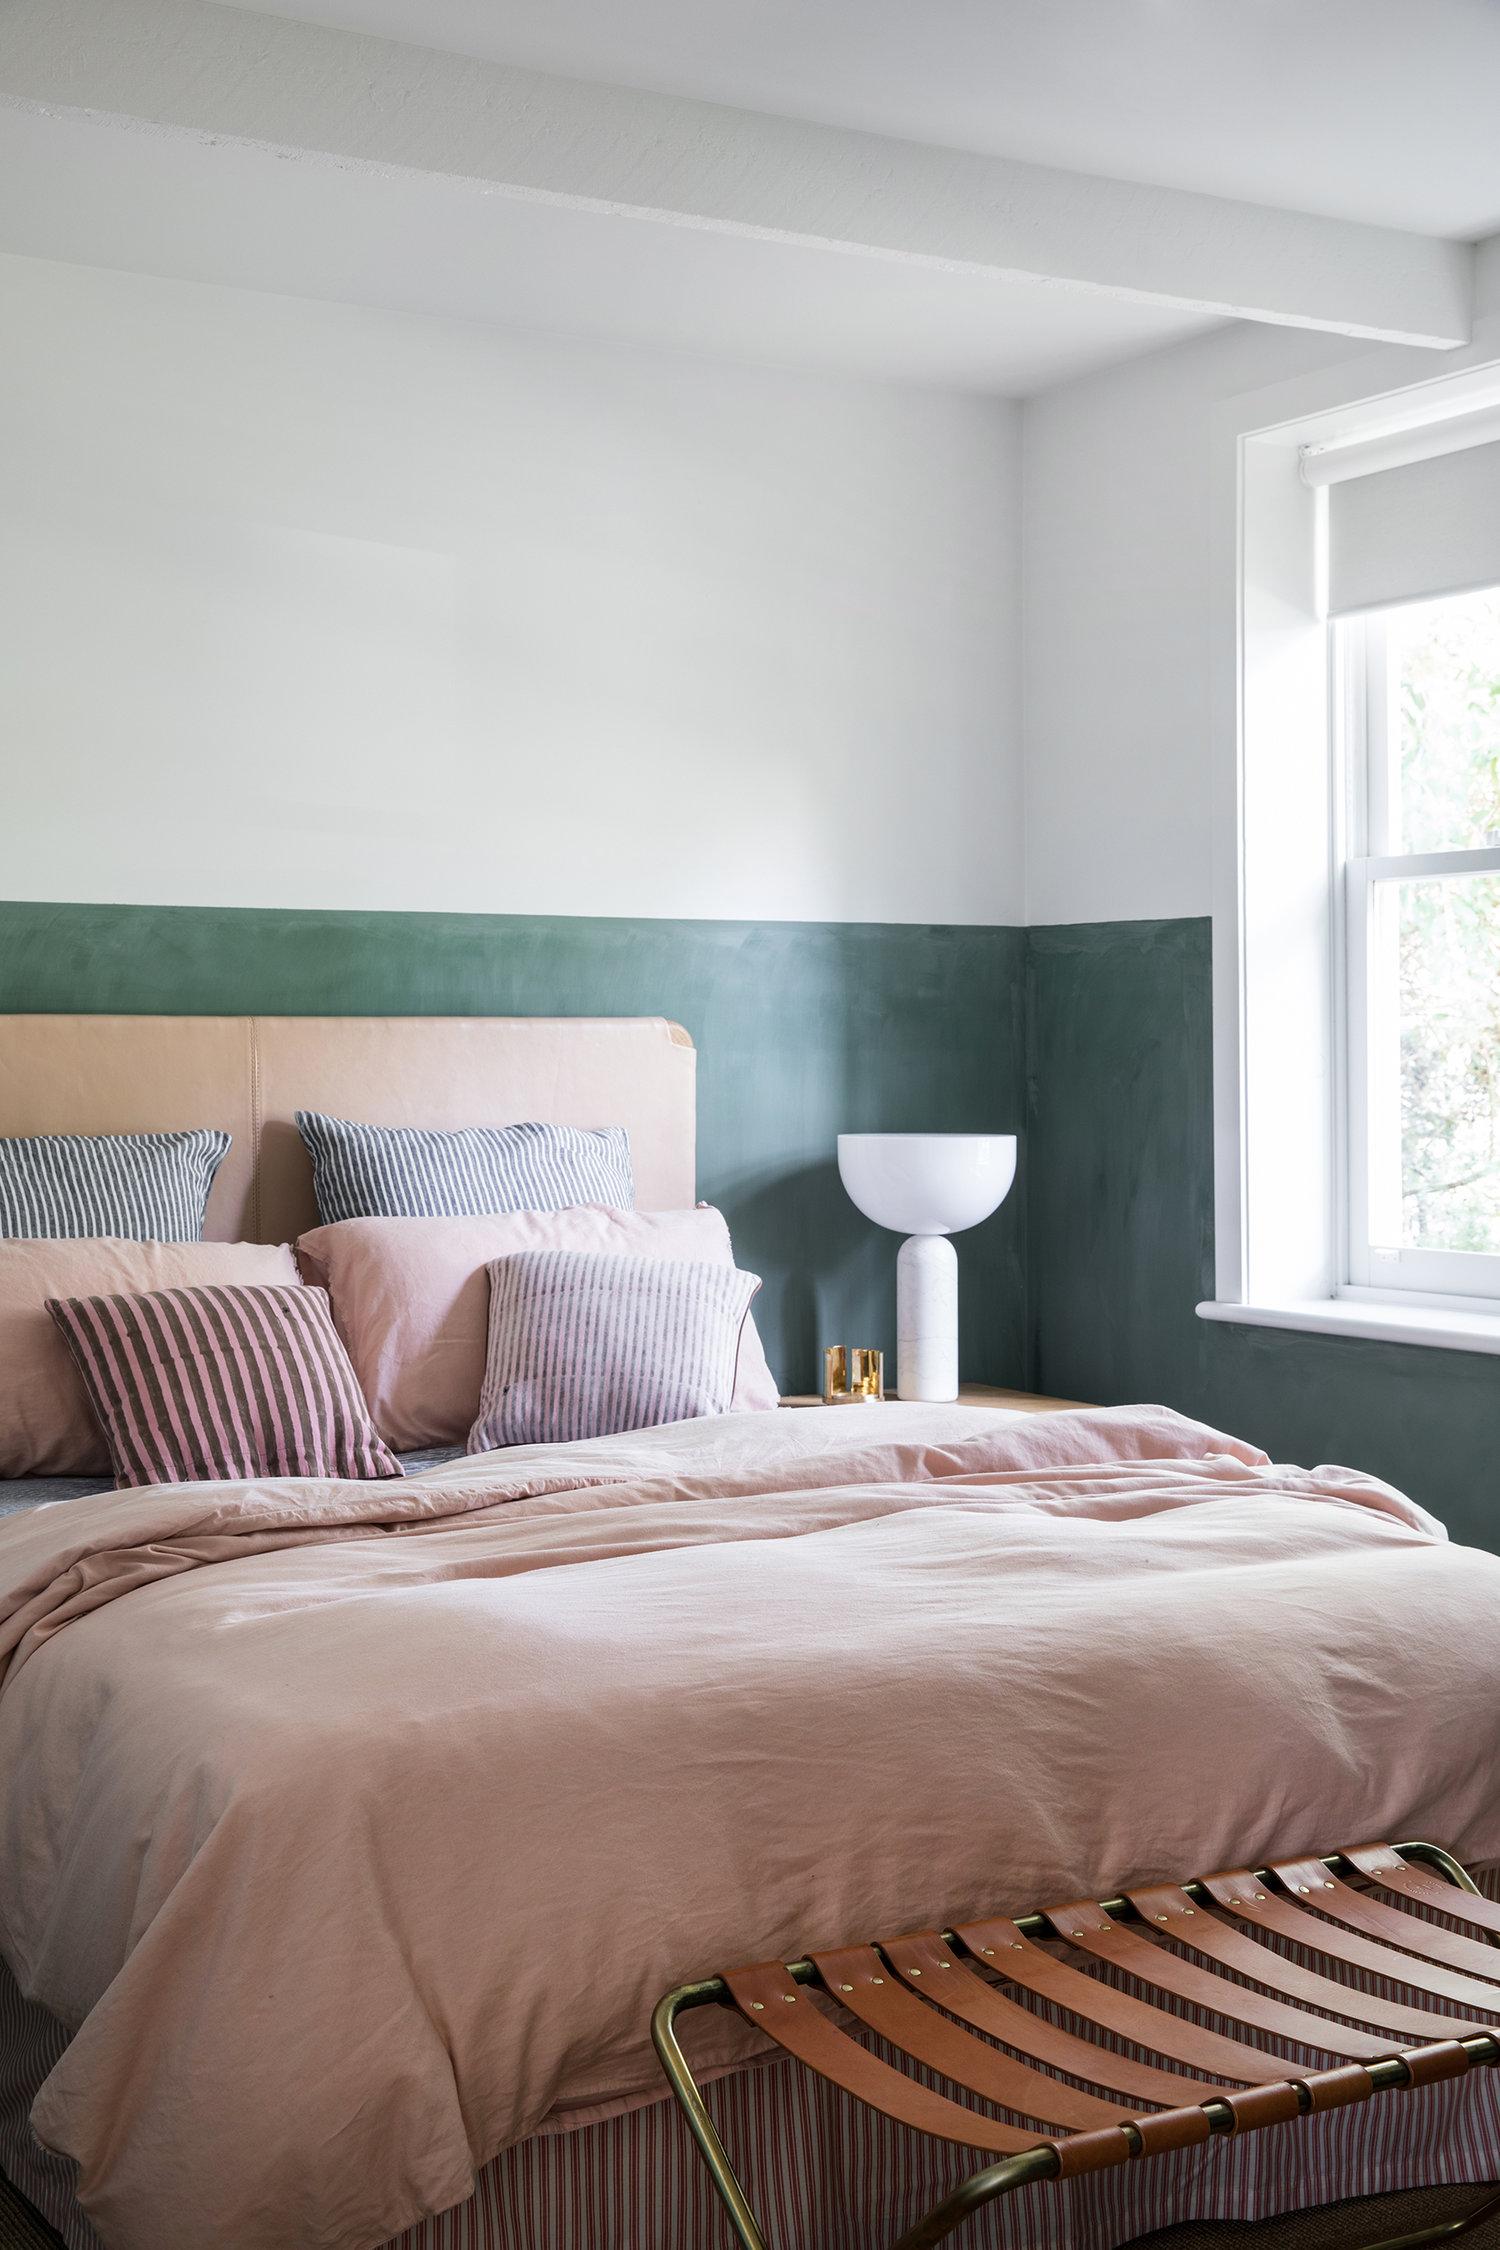 demi-mur peint en vert dans la chambre principale avec tête de lit en cuir et draps en lin | Coco Kelley